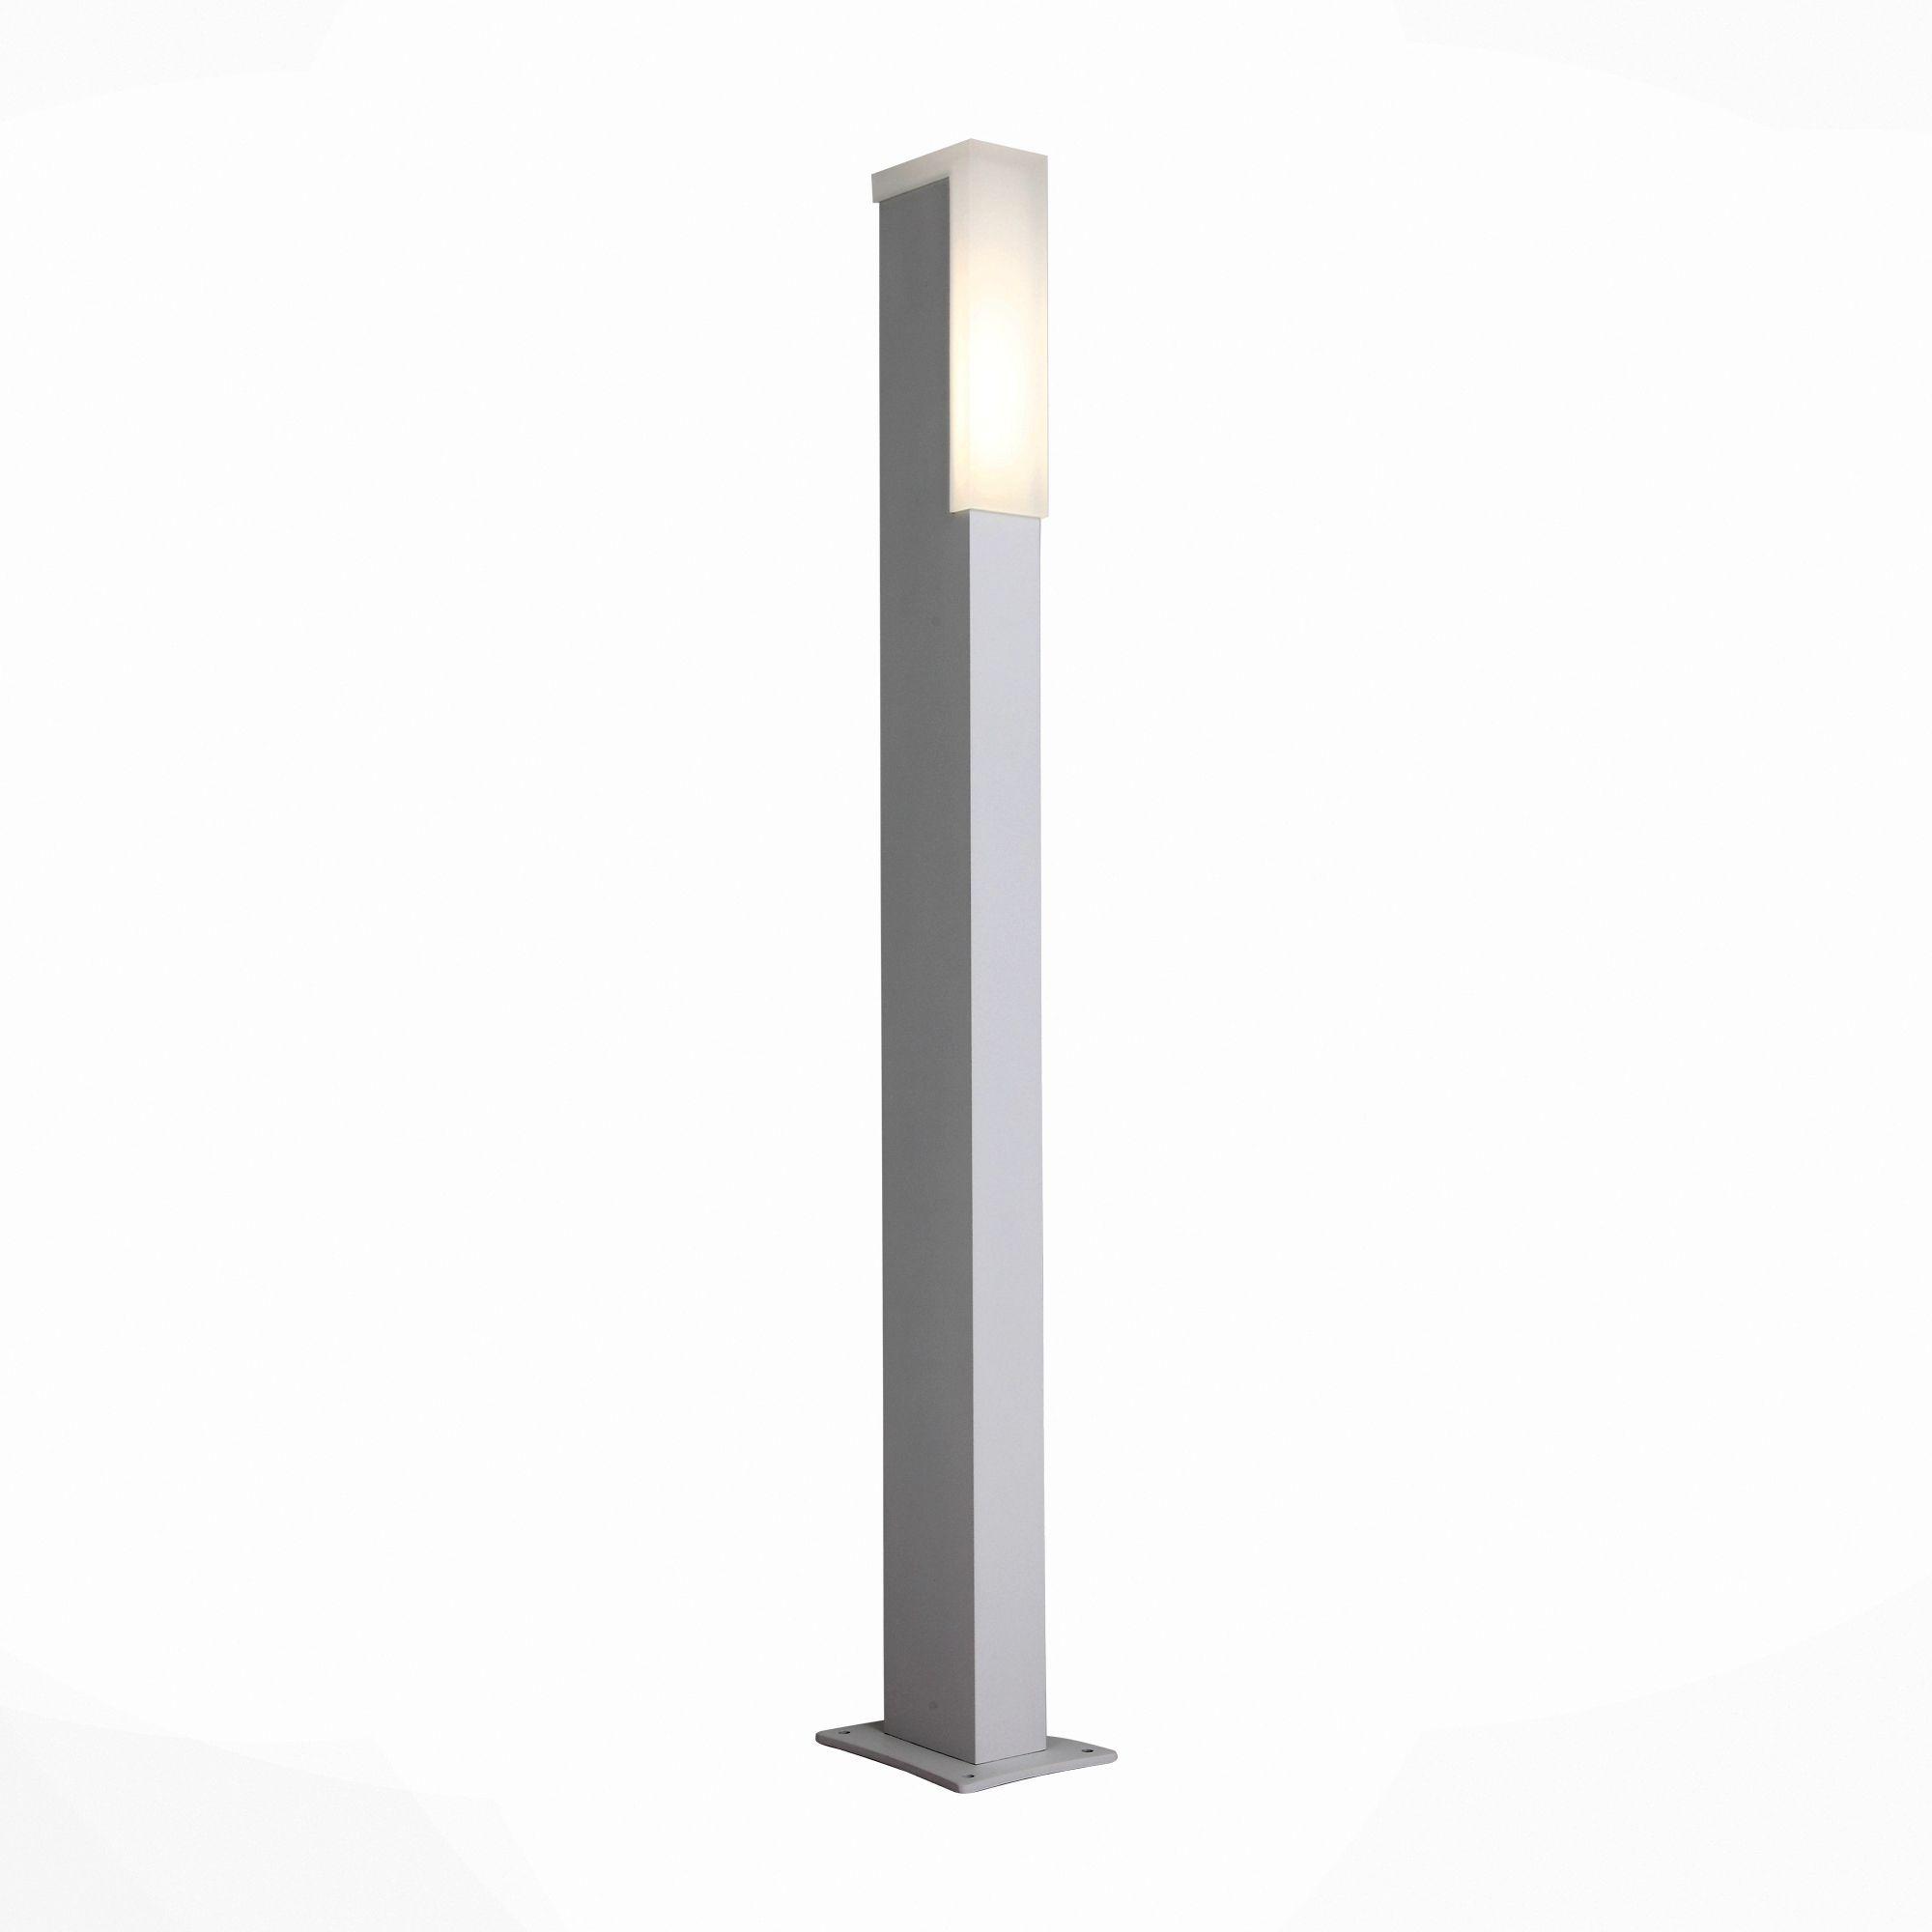 Светильник уличный наземный ST-Luce Белый/Белый LED 2*2W SL096.555.02